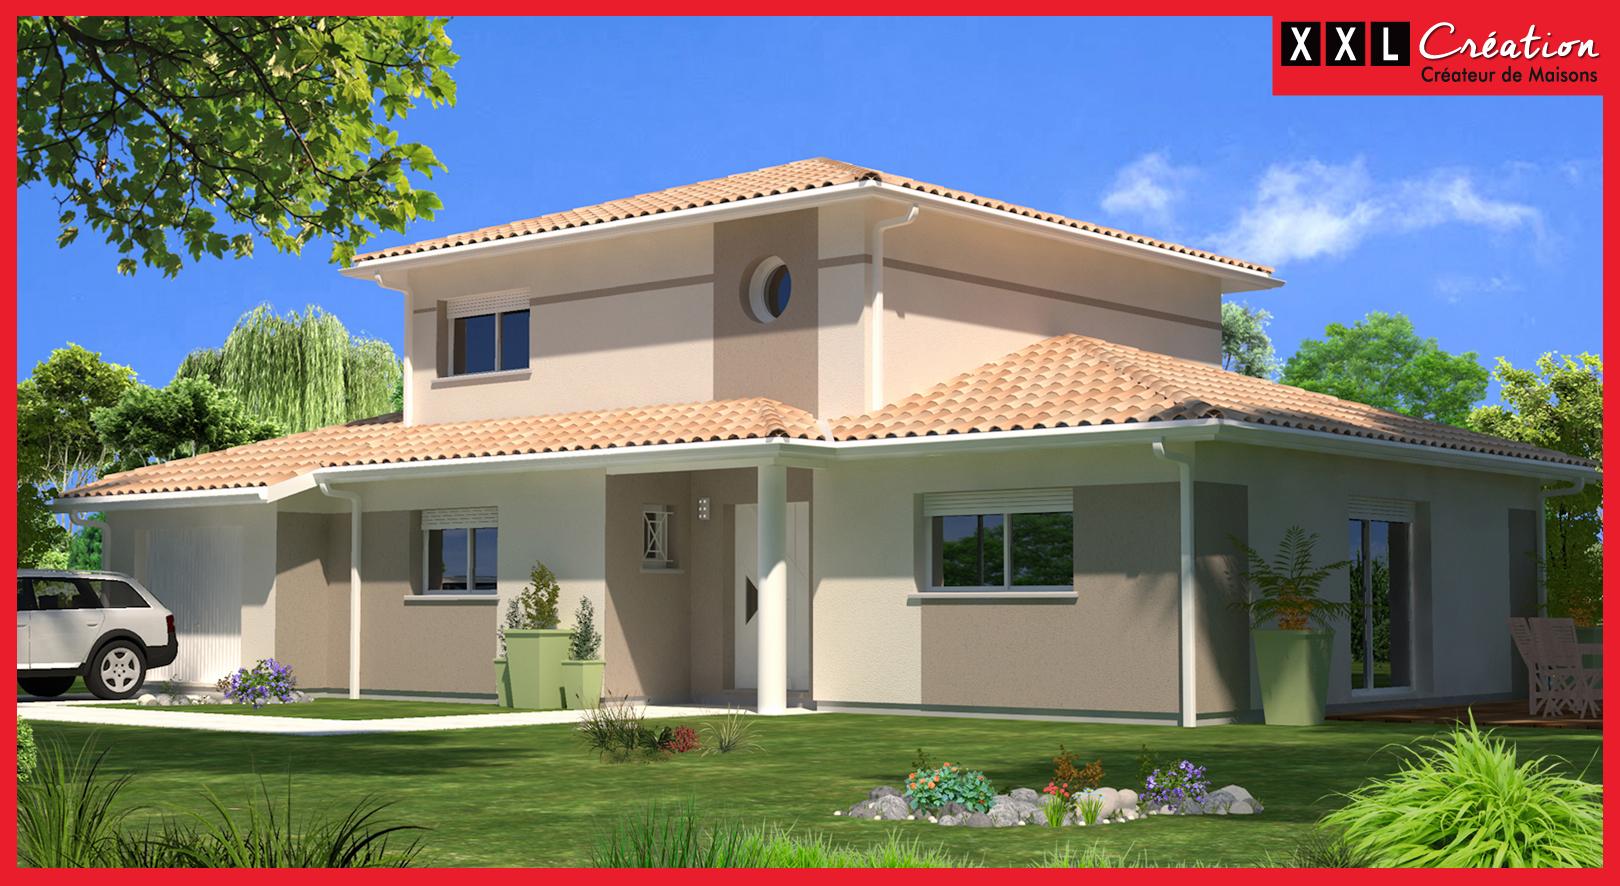 Maisons + Terrains du constructeur XXL CREATION • 110 m² • PERPIGNAN